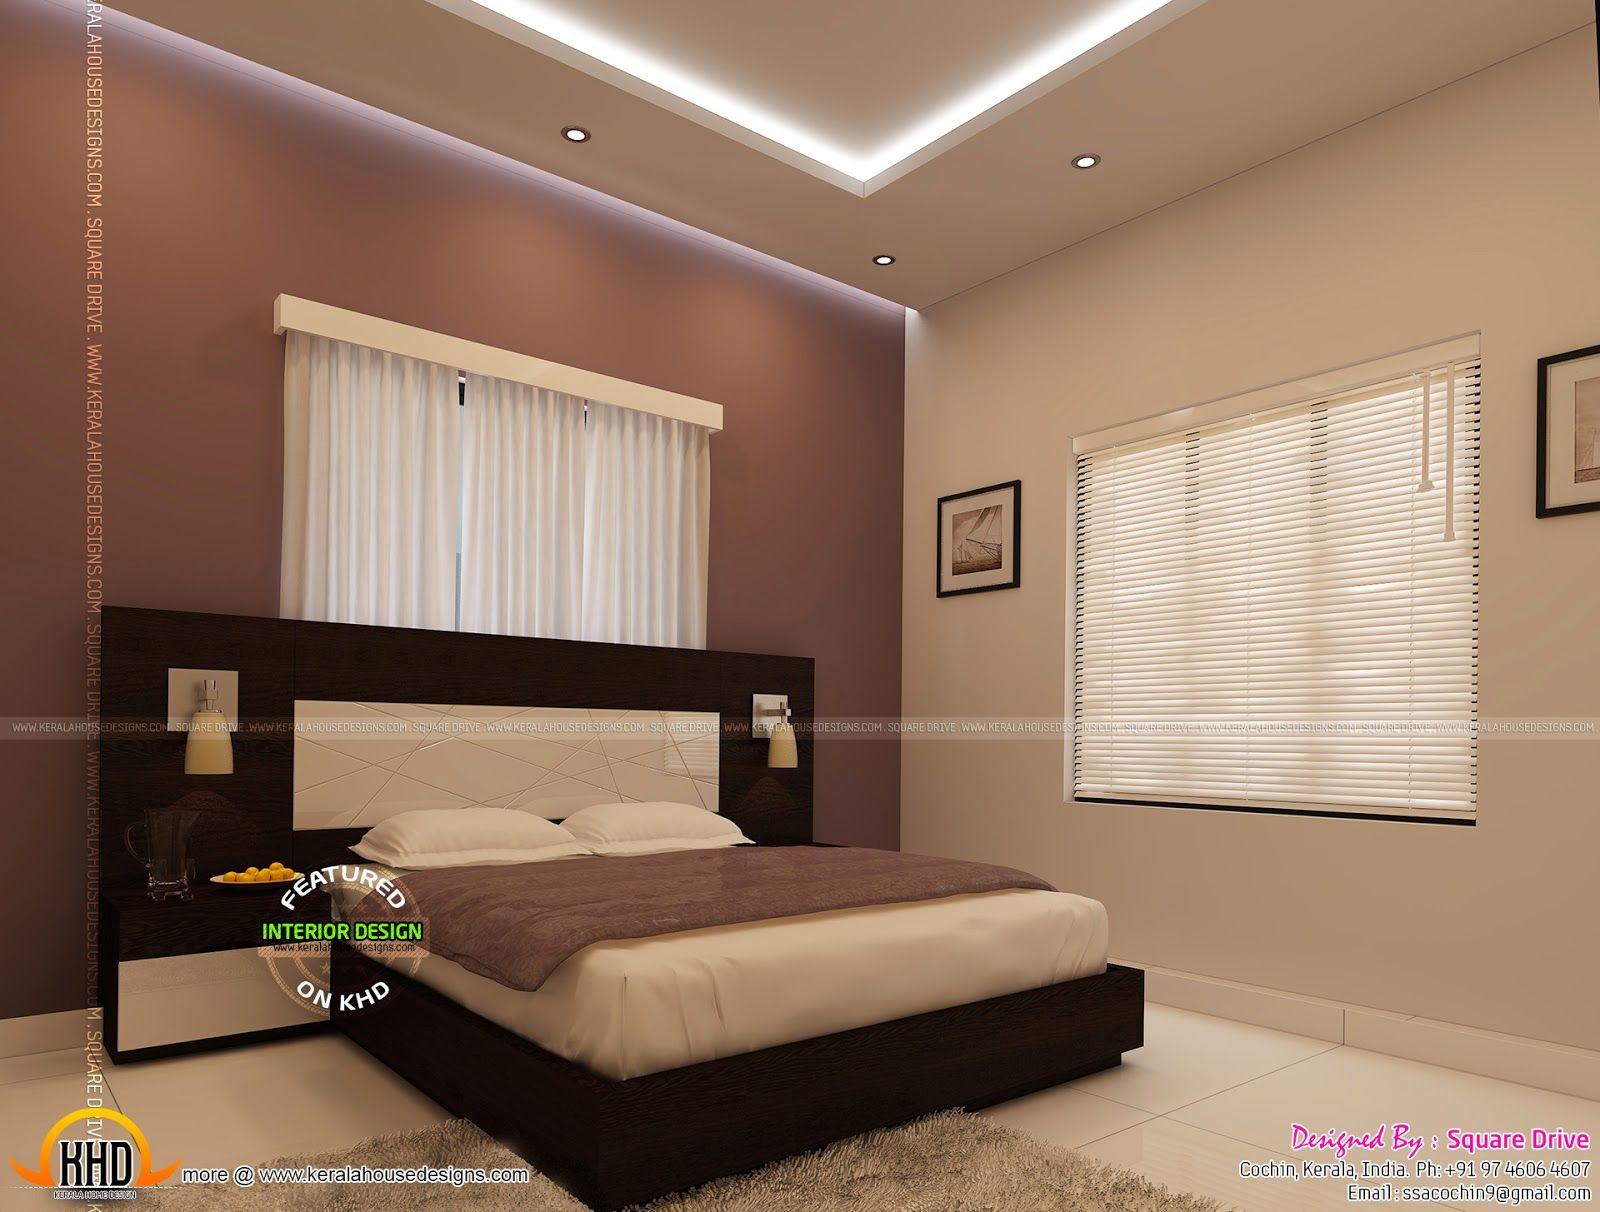 Bedroom Interior Designs Kerala Home Design And Floor Plans Home Decor Home Decor Ideas Home Decor Pa Simple Bedroom Design Bedroom Design Bedroom Interior